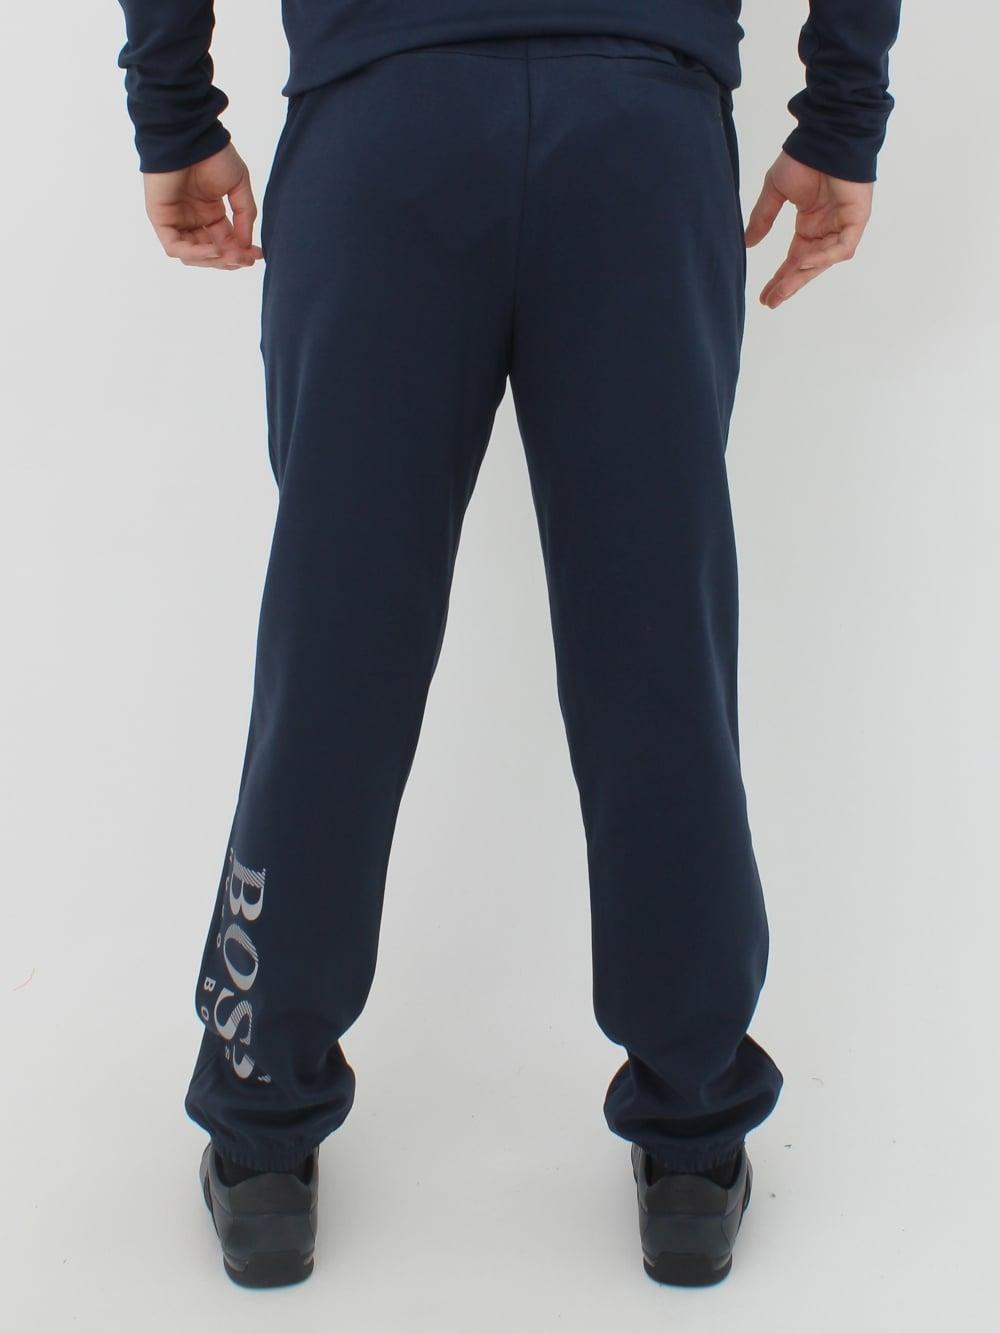 BOSS HL-Tech Sweatpant in Navy